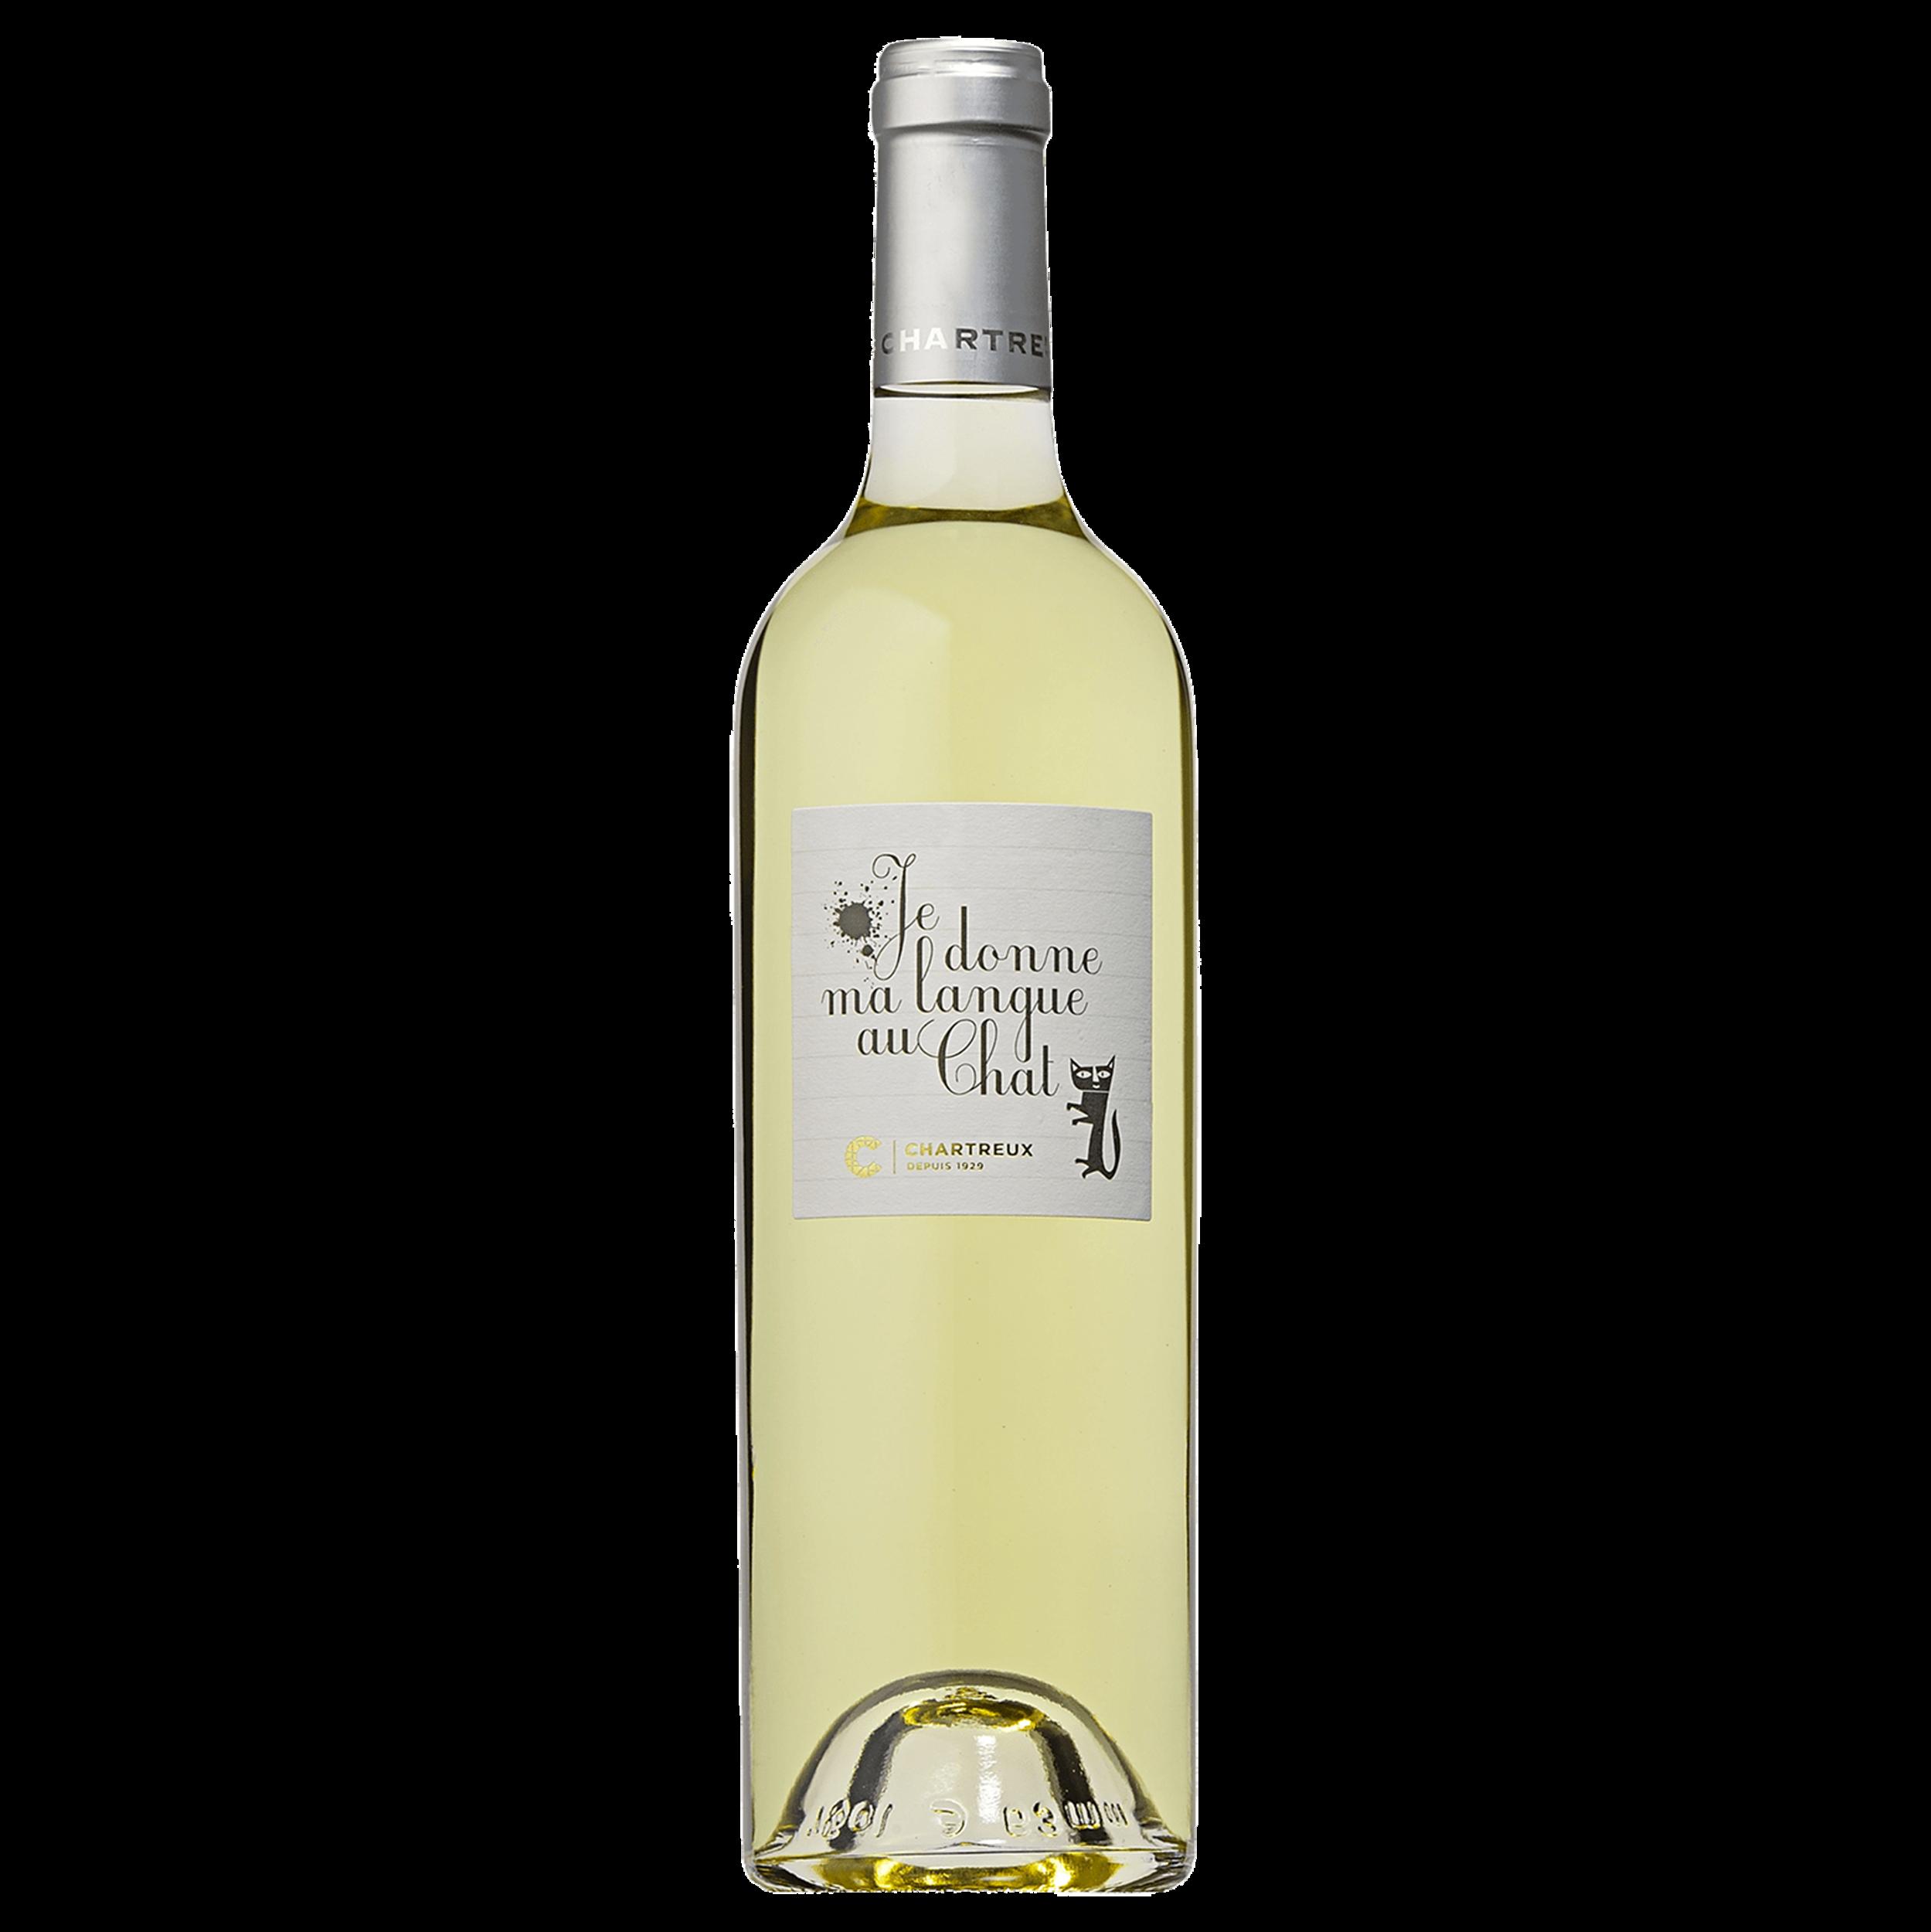 Vin de Pays - Je donne ma langue au Chat - Domaine Cellier Des Chartreux - 2020